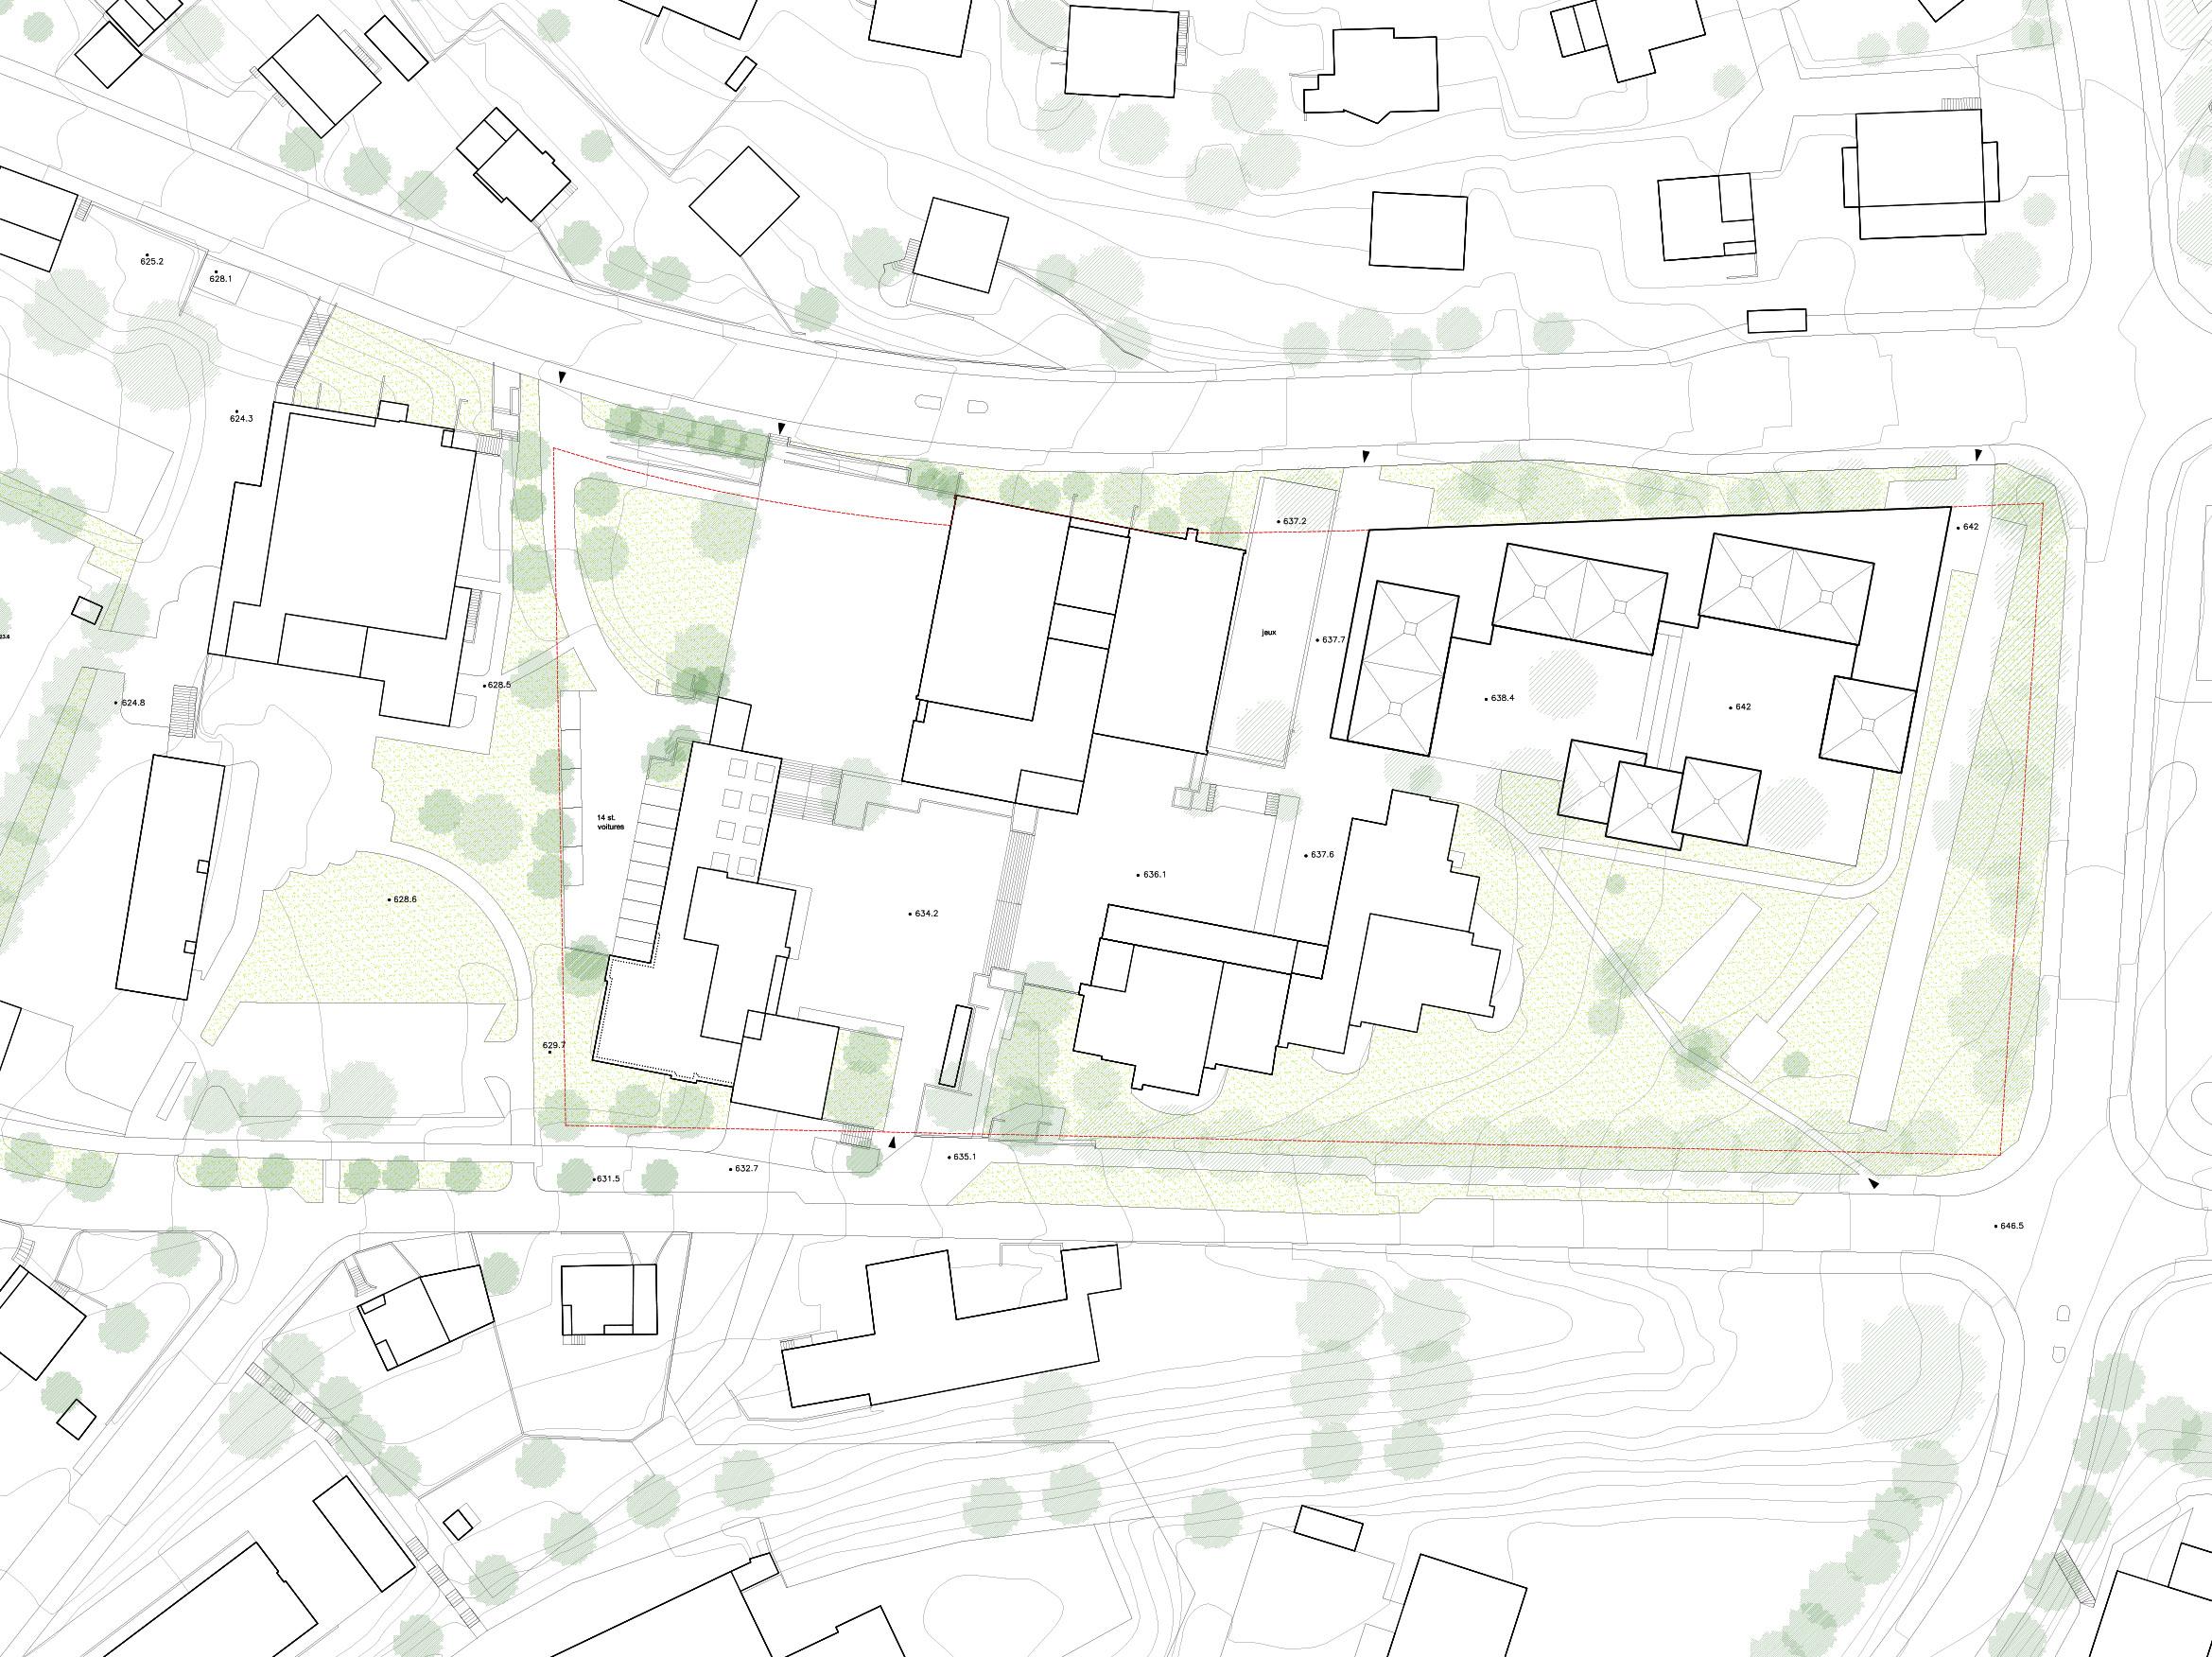 Städtebau - Umgebung